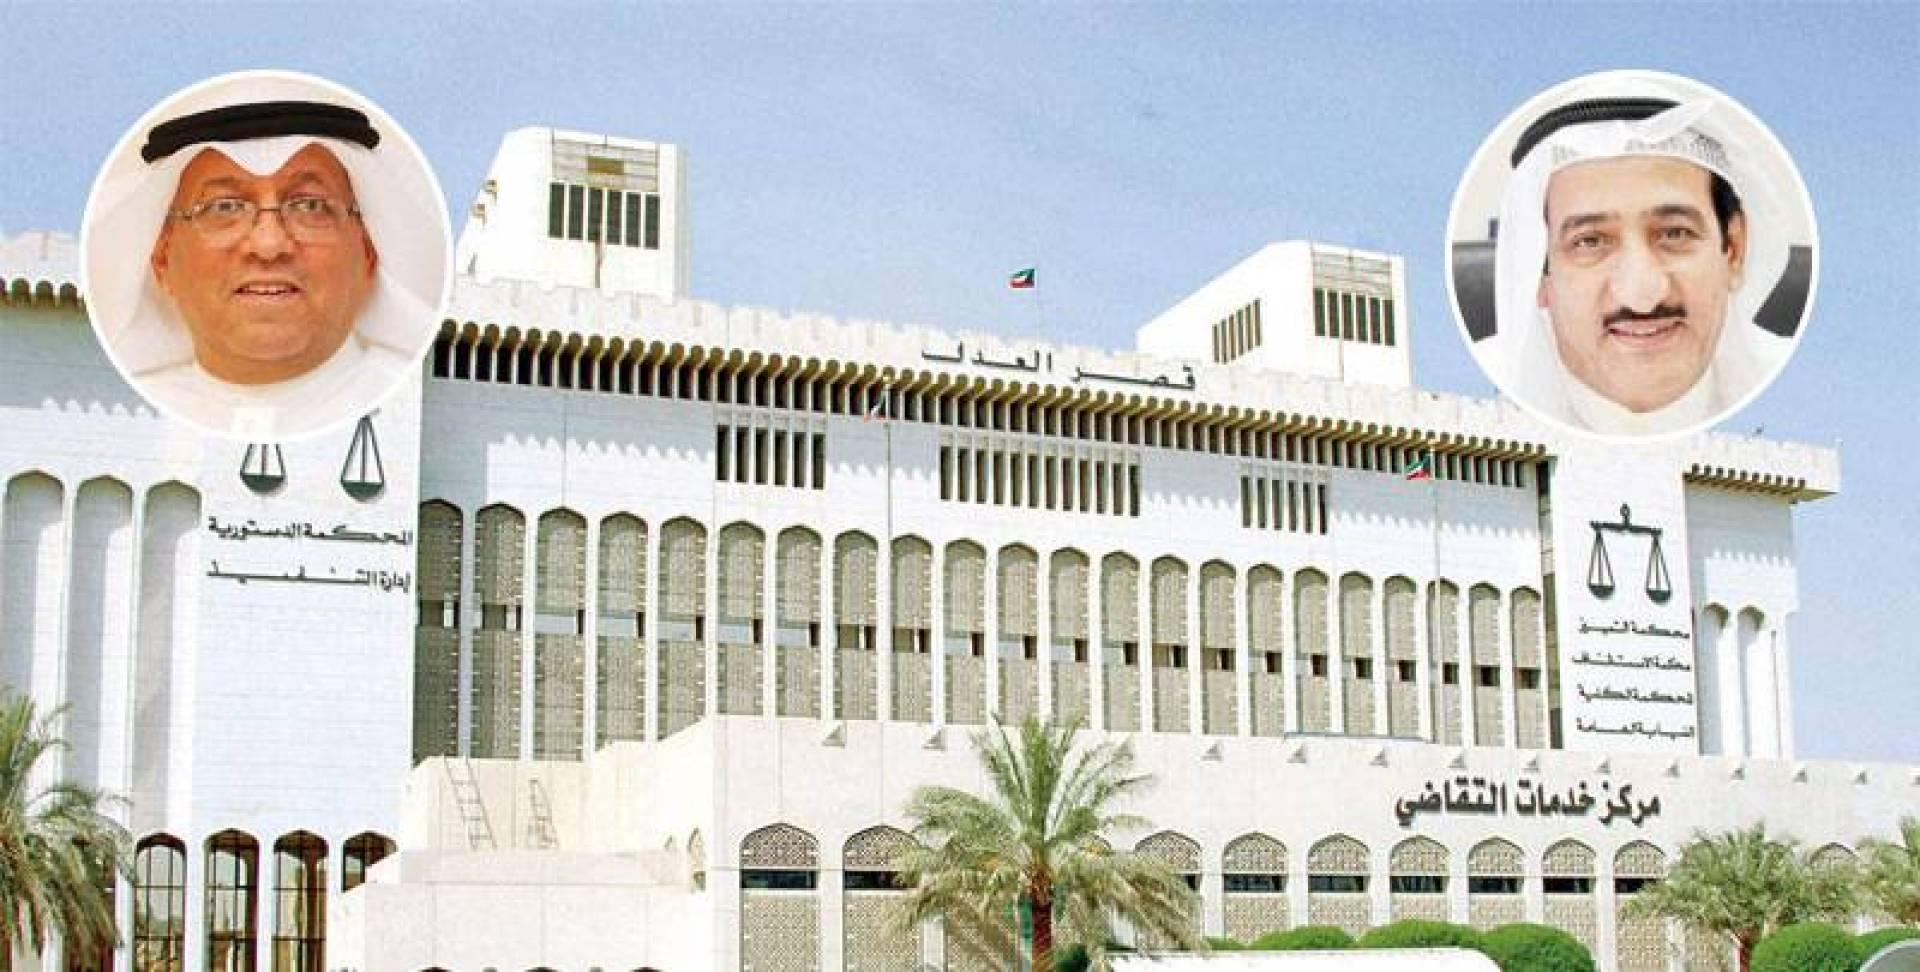 العجيل الأقرب لخلافة المطاوعة في رئاسة القضاء